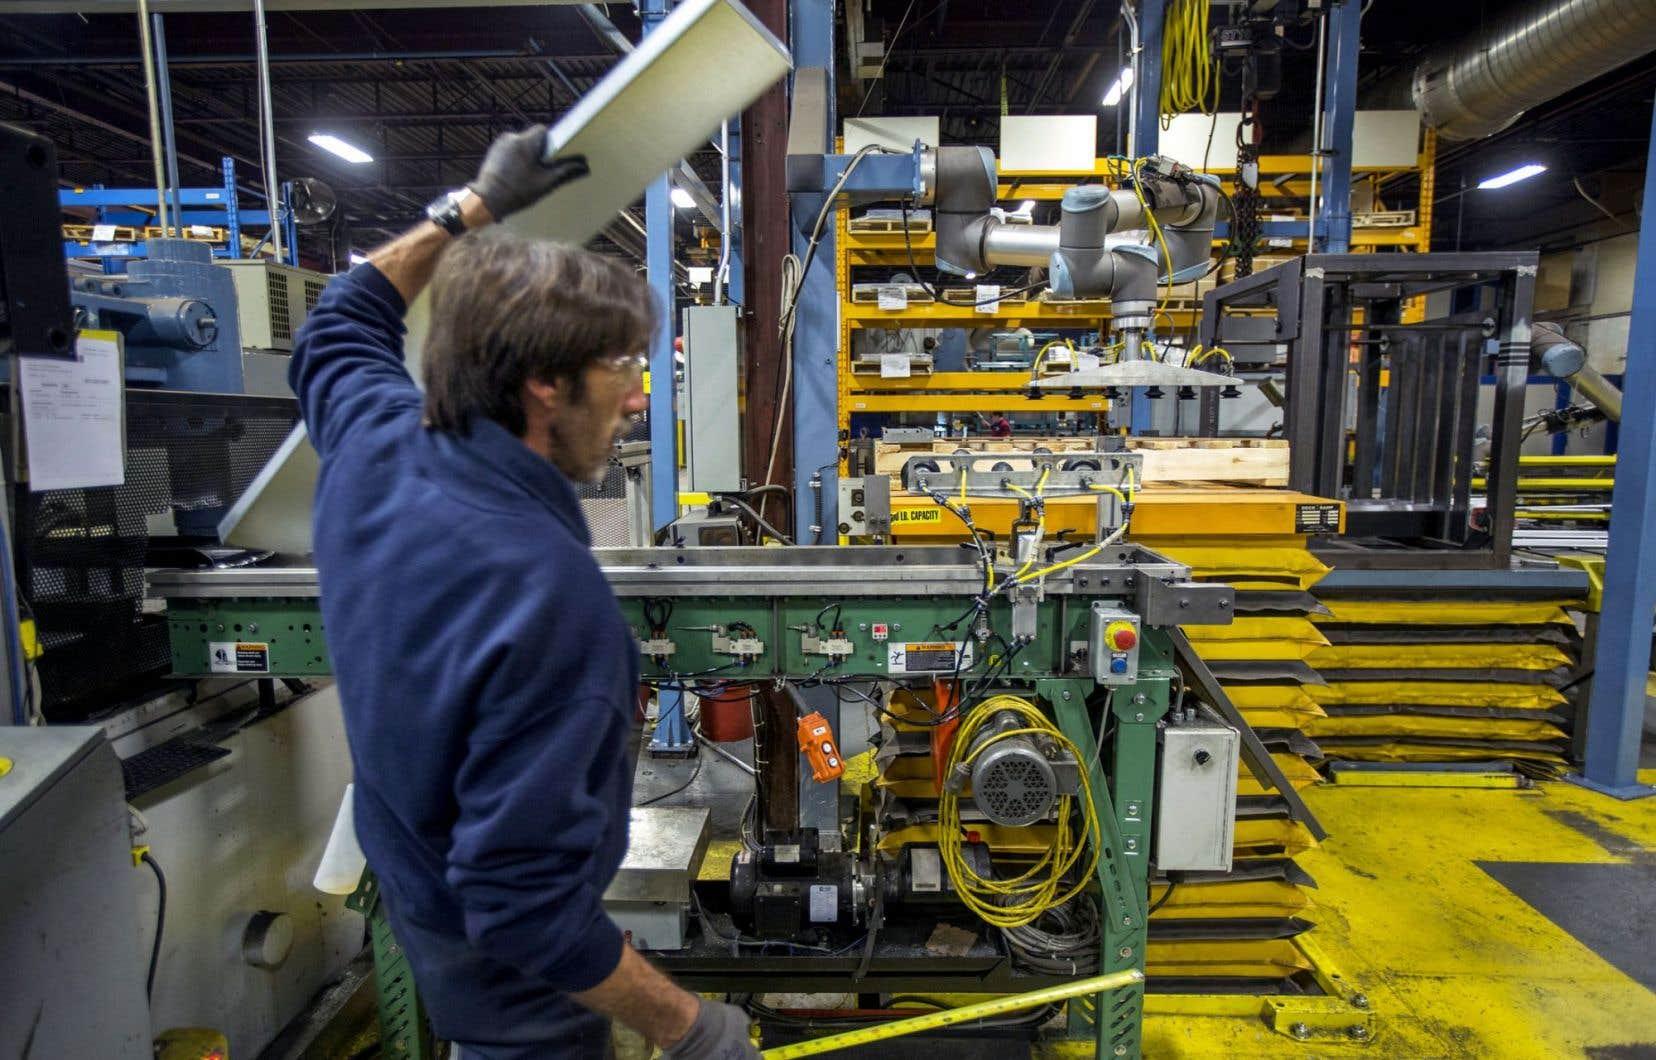 Le secteur de la fabrication, qui a progressé de 1,9%, est le principal facteur à l'origine de la croissance du produit intérieur brut en janvier.